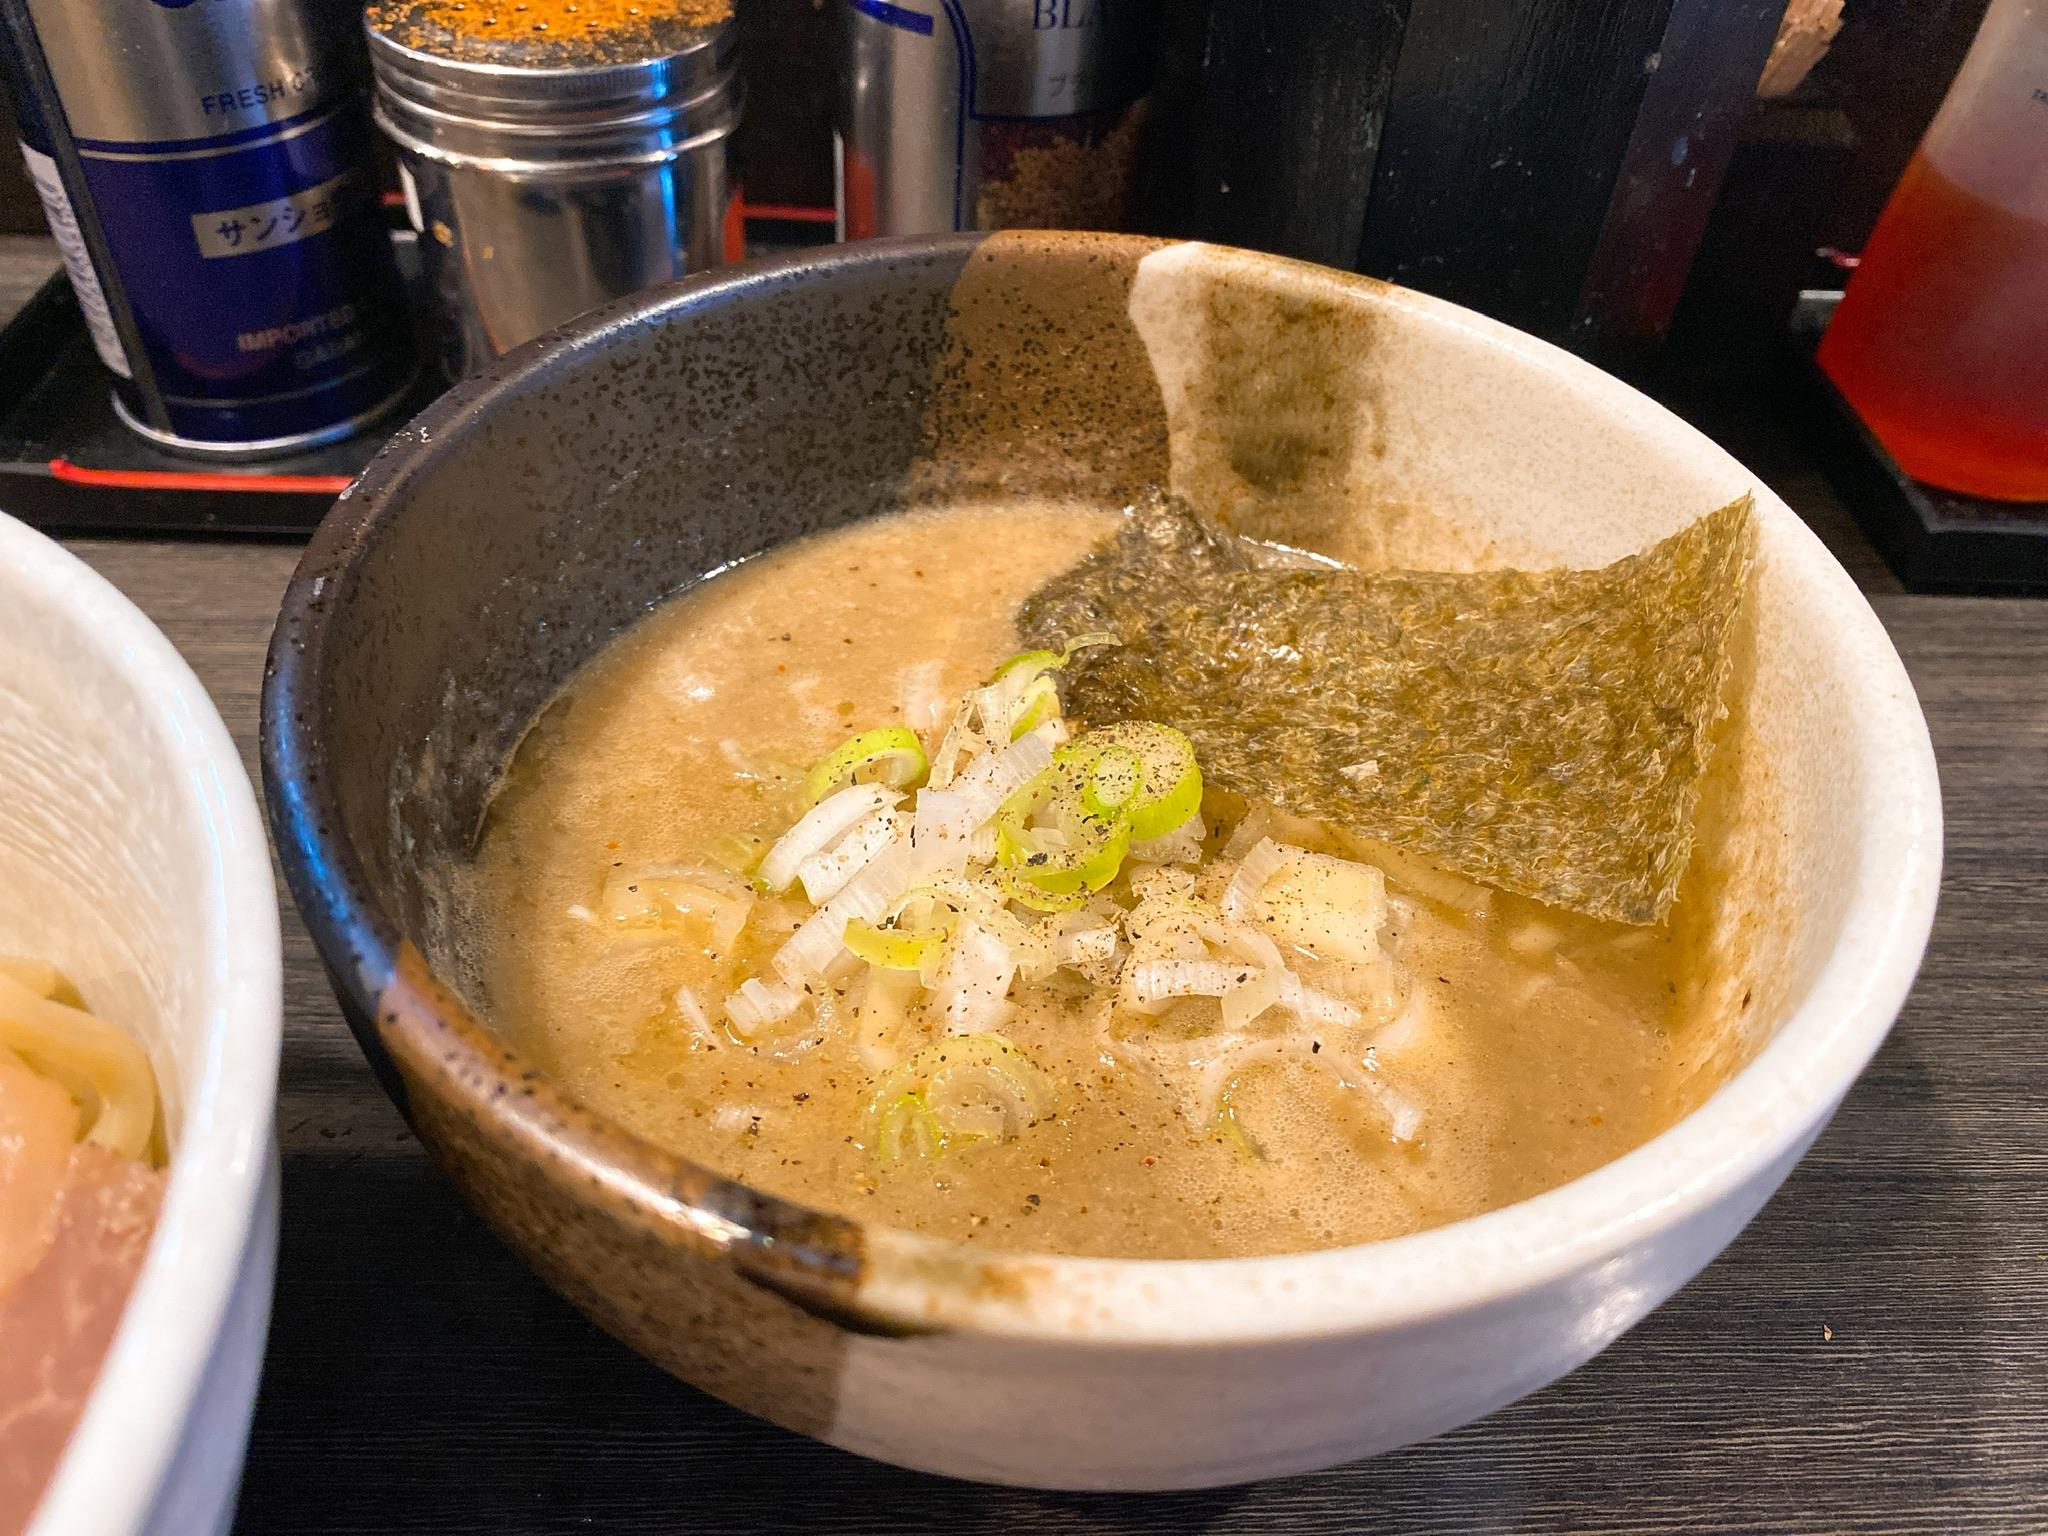 つけ麺陽の鶏と帆立の濃厚塩つけ麺のスープの写真